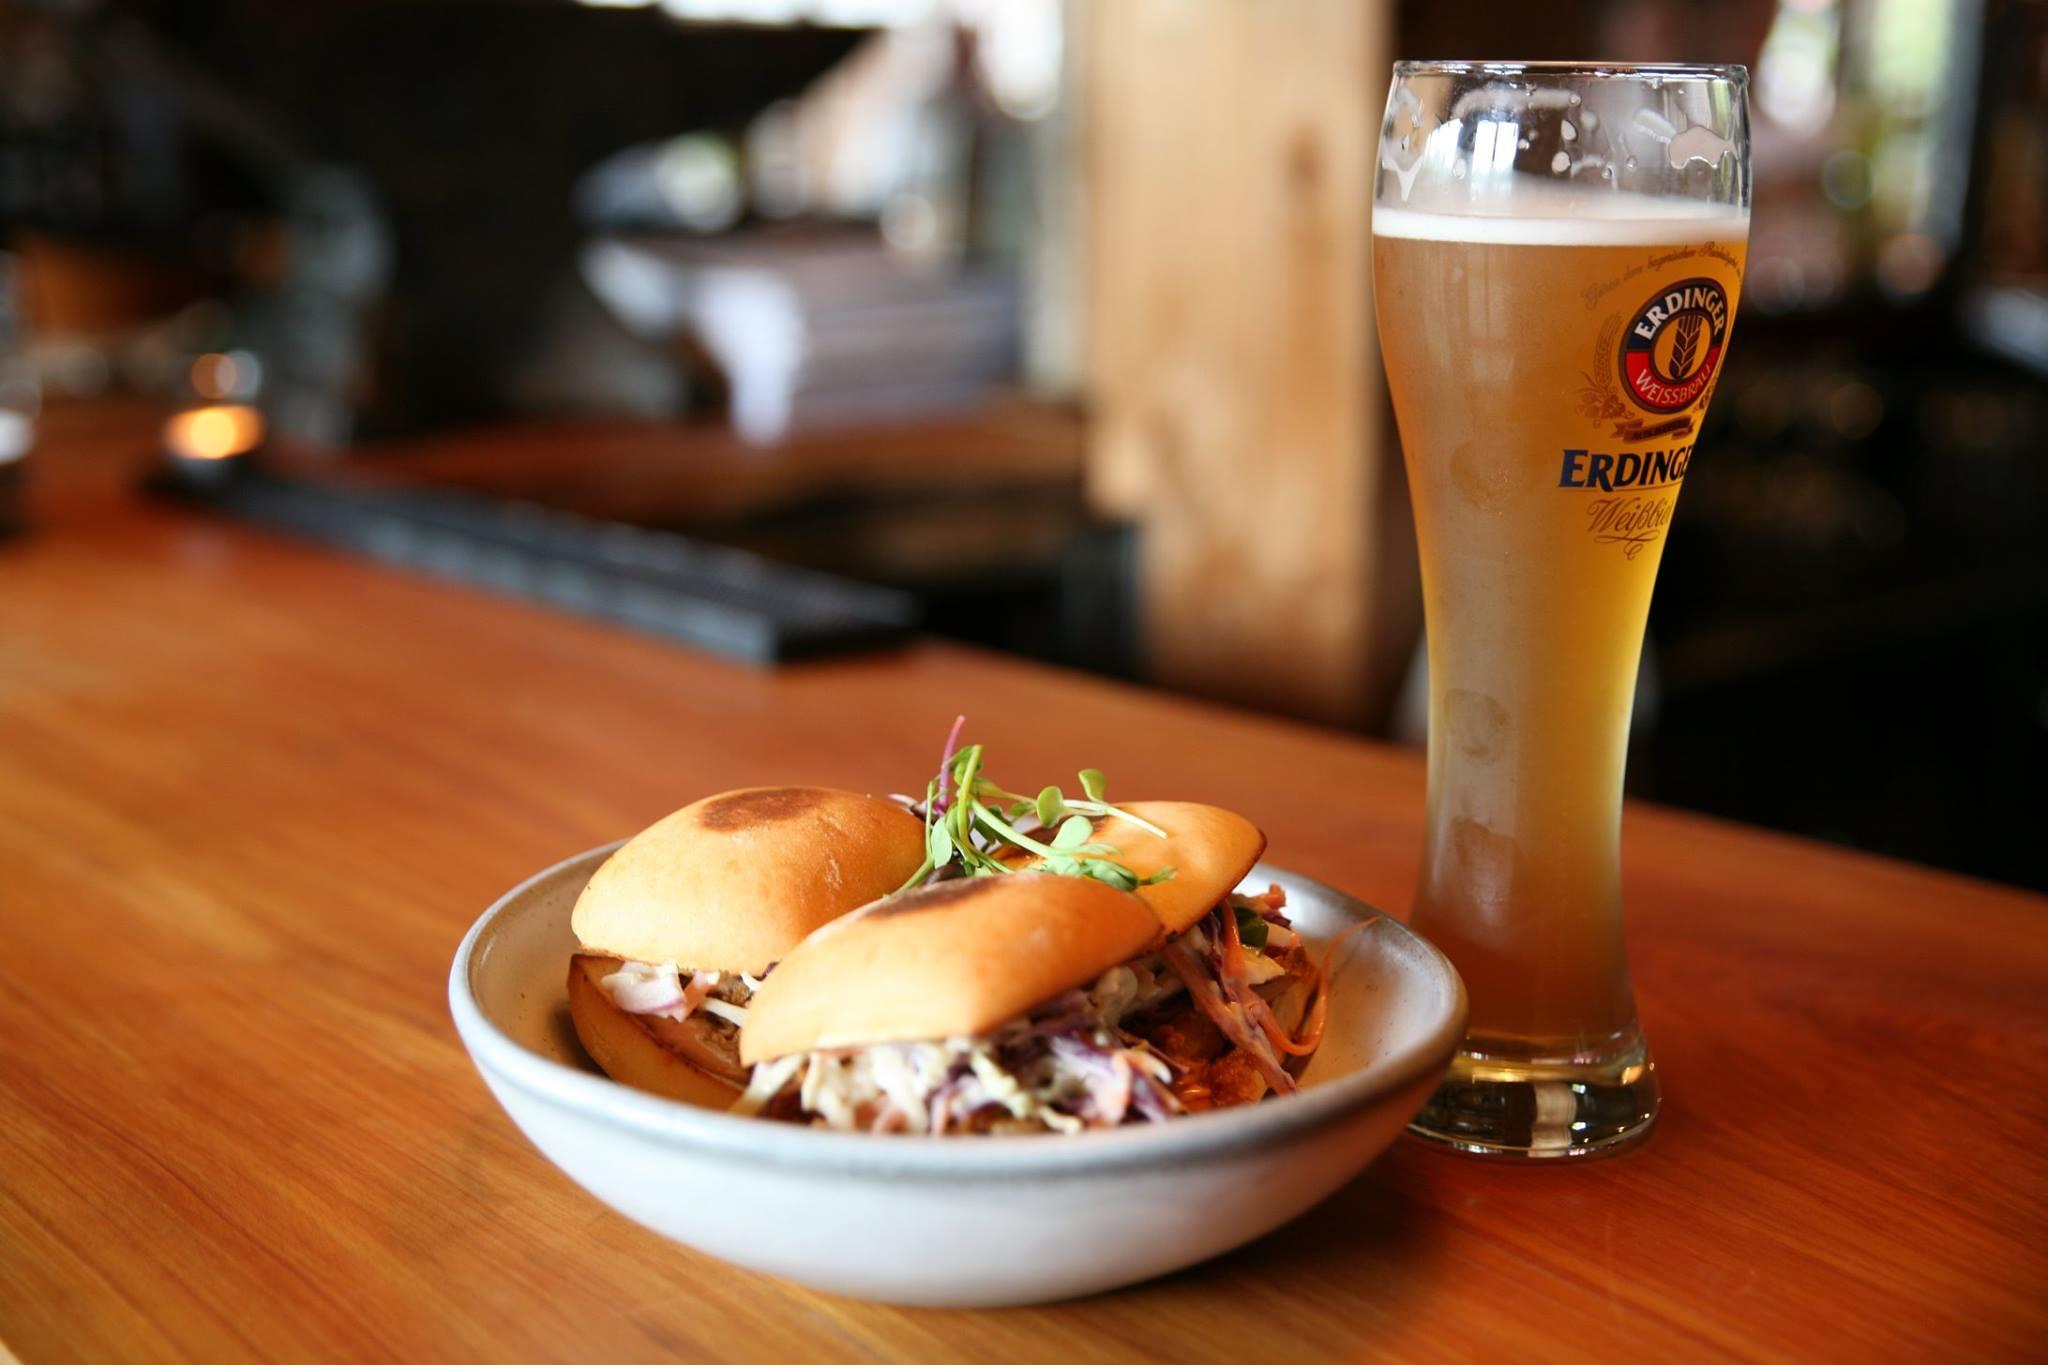 Smiths Beef Brisket Sliders with Asian style coleslaw & kewpie mayo